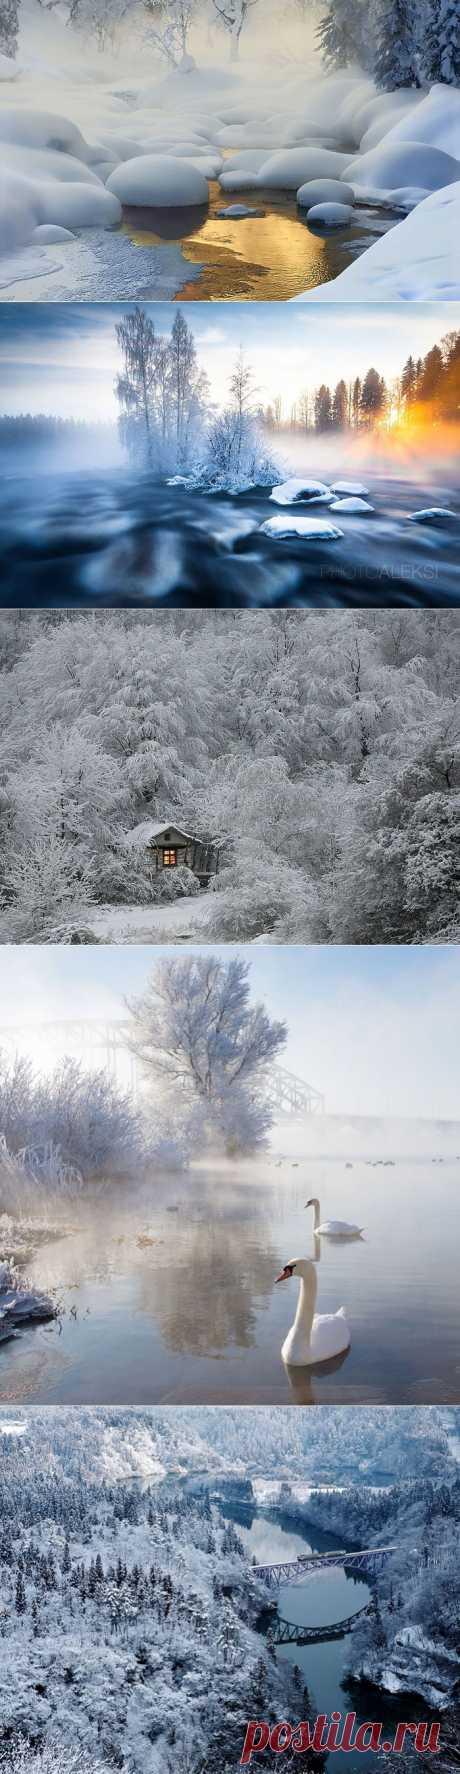 Самые красивые фотографии зимних пейзажей 2013 года..